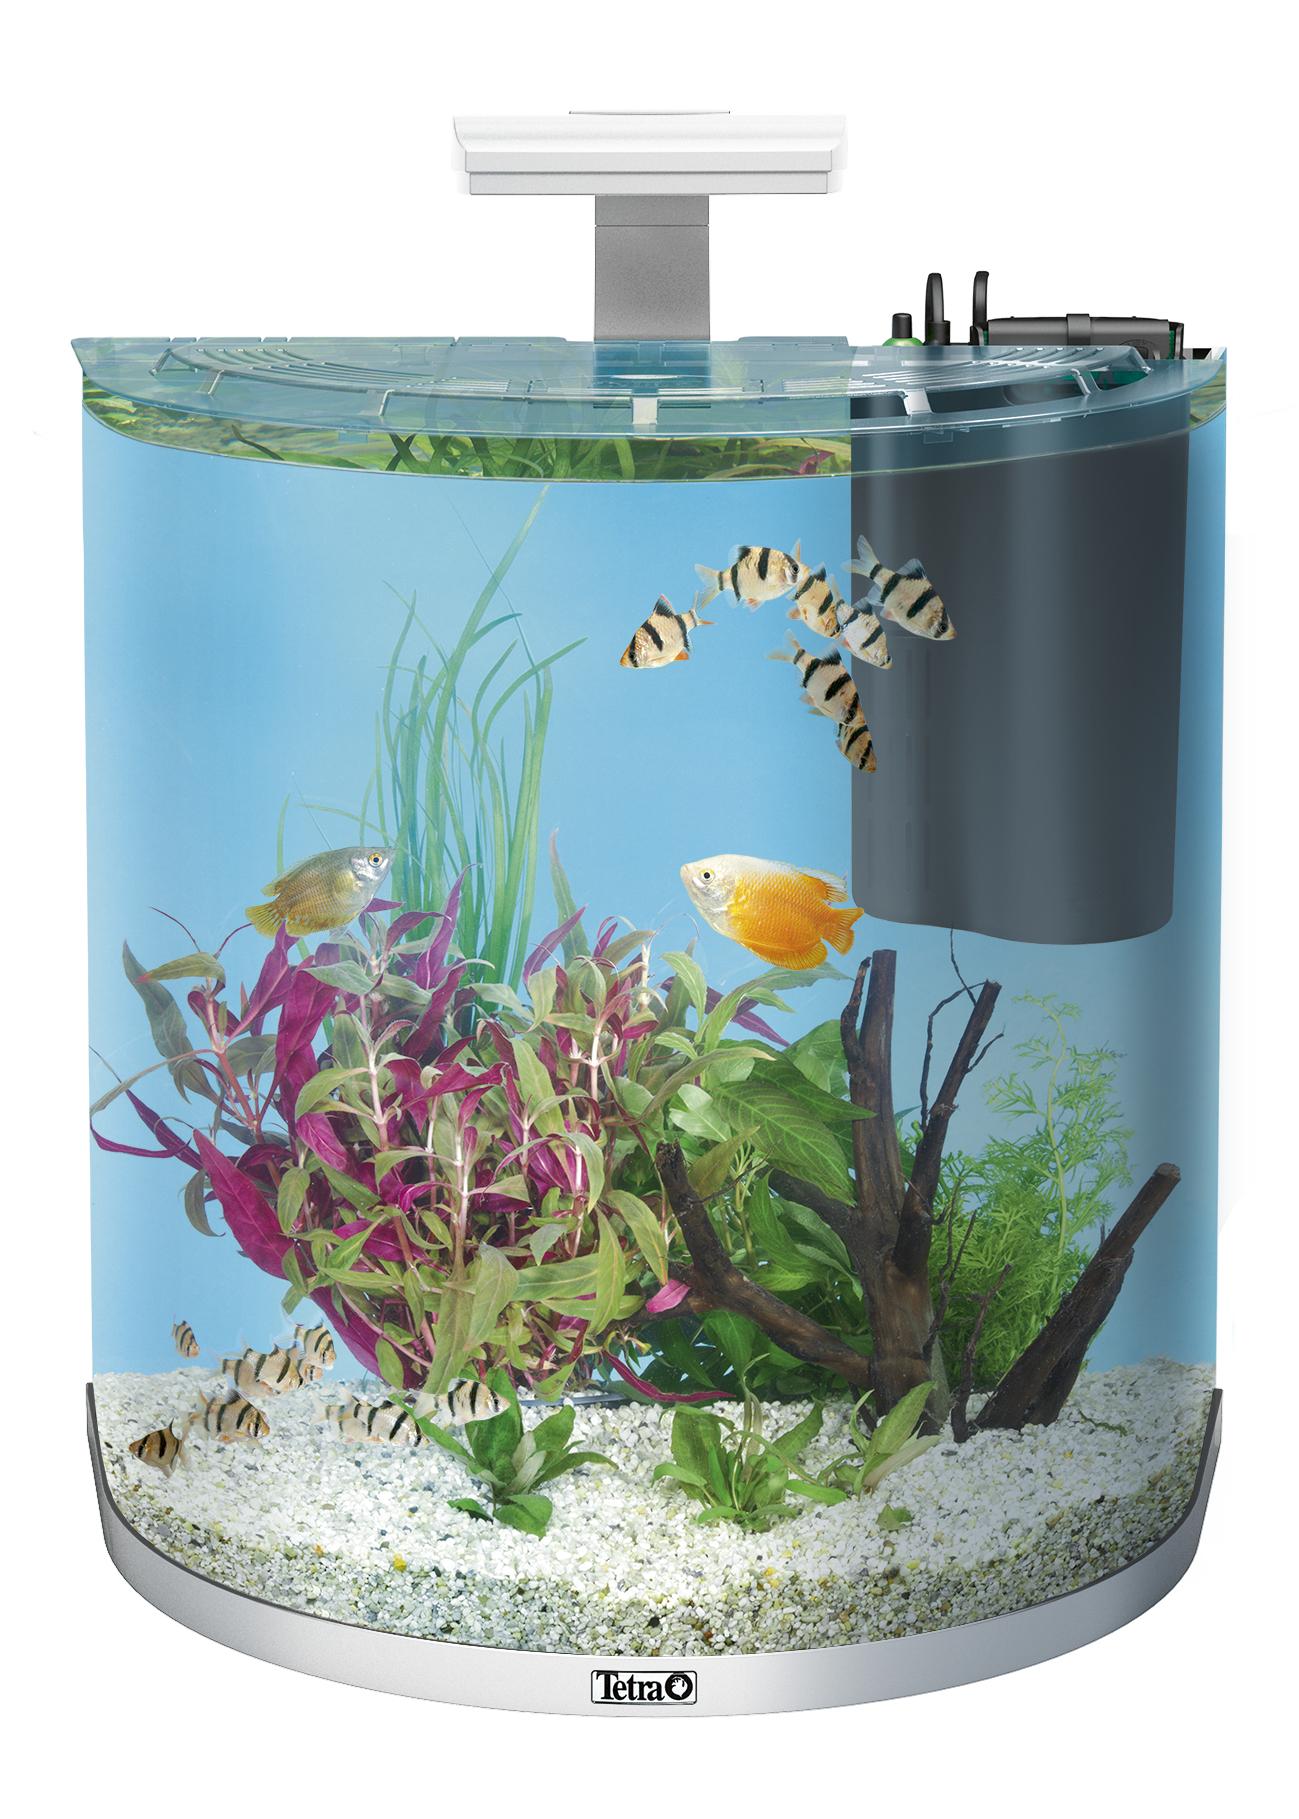 Haustierbedarf Tetra Aquaart Led Aquarium 60l Aquarien